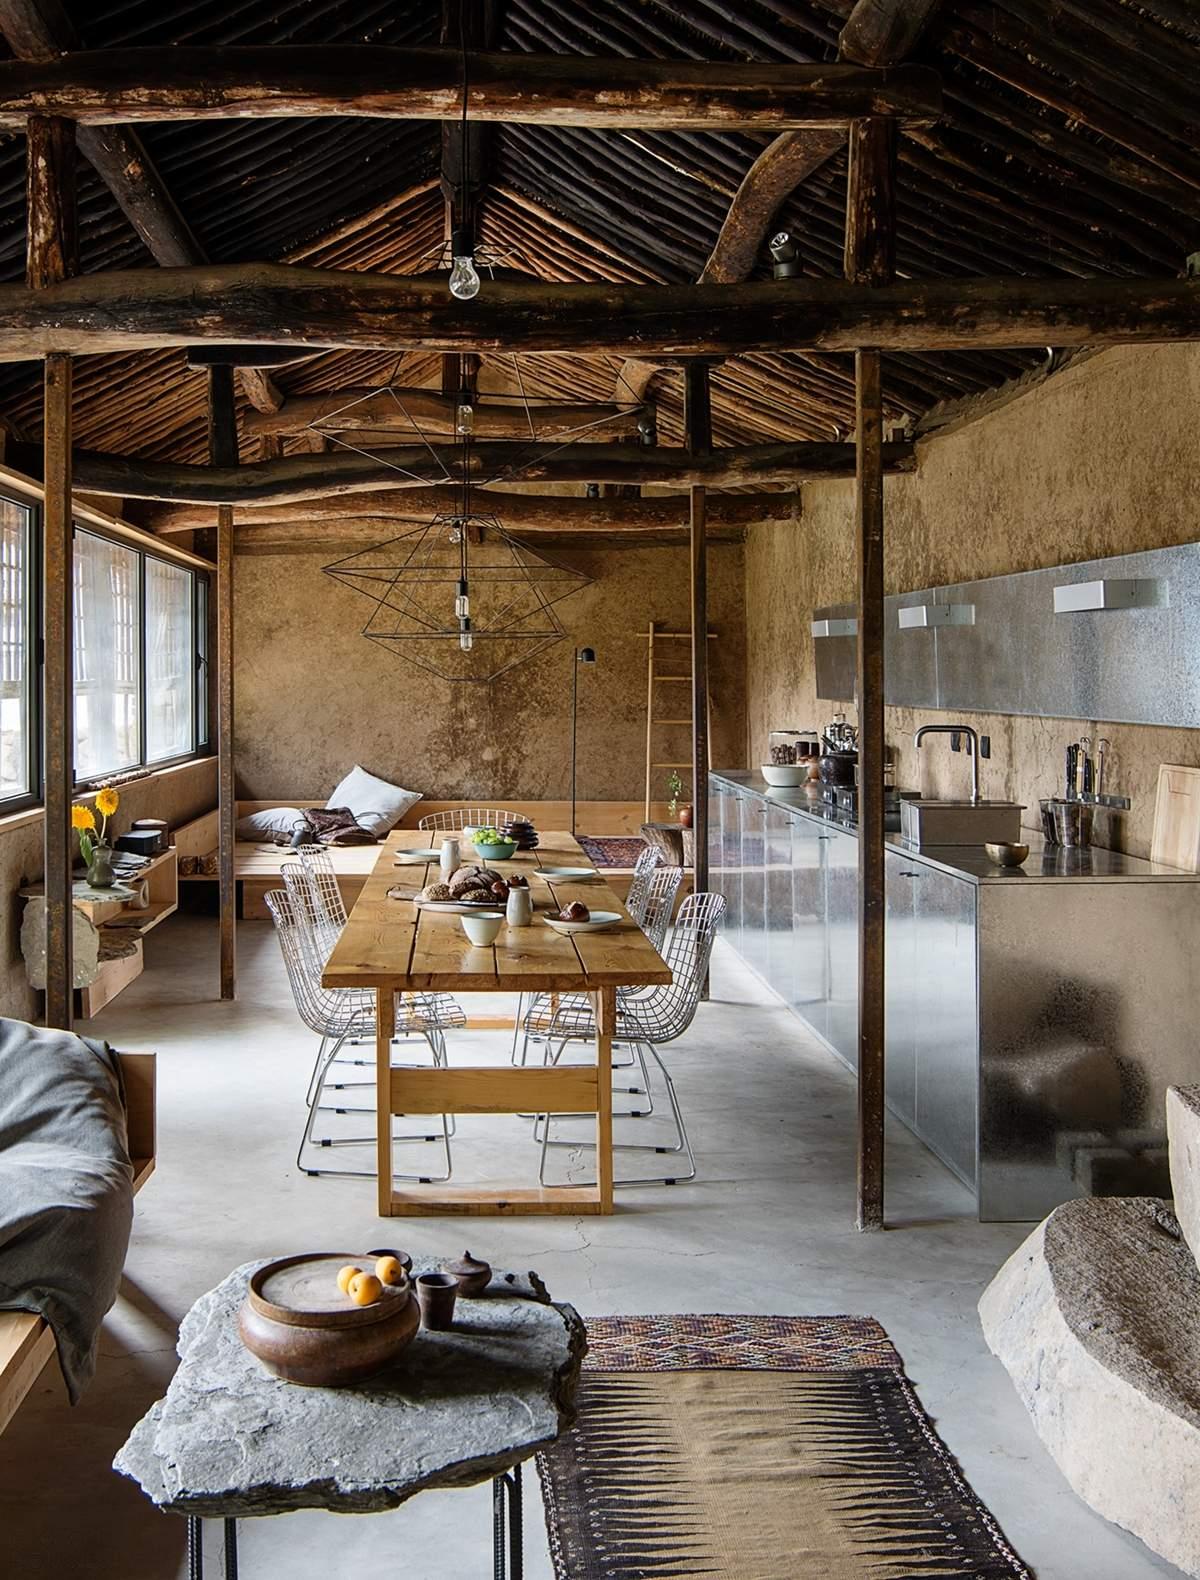 Сельский коттедж в стиле ваби-саби, Китай